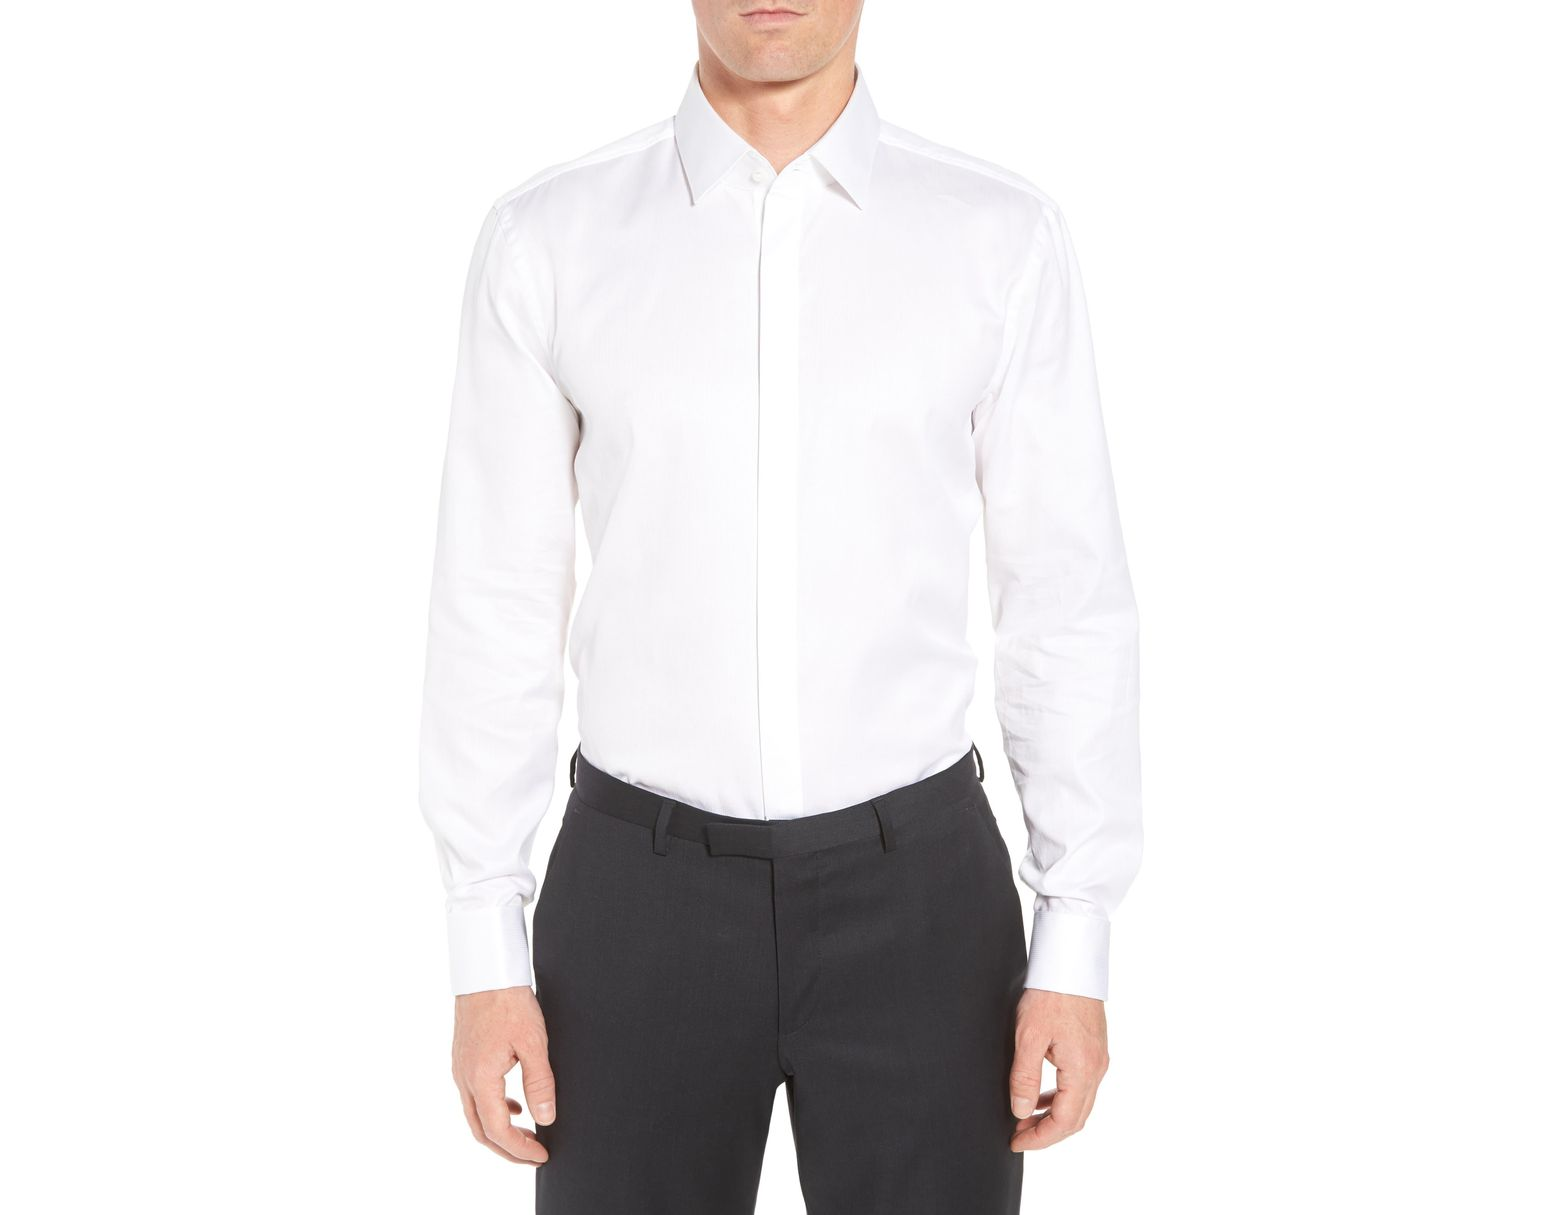 1320ec7f BOSS Myron Sharp Fit Tuxedo Shirt in White for Men - Lyst